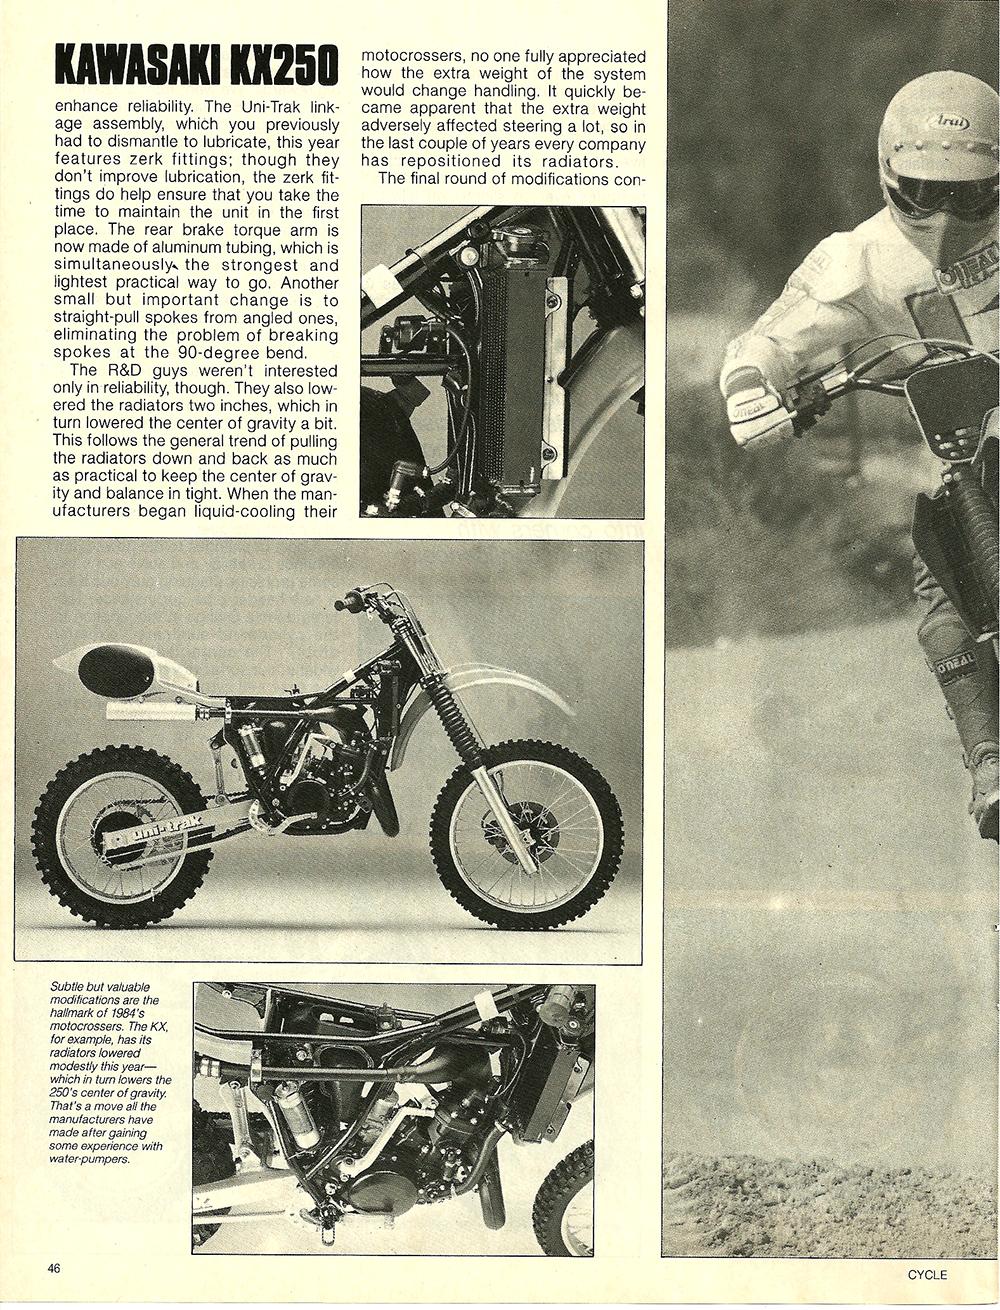 1984 Kawasaki KX250 road test 5.jpg